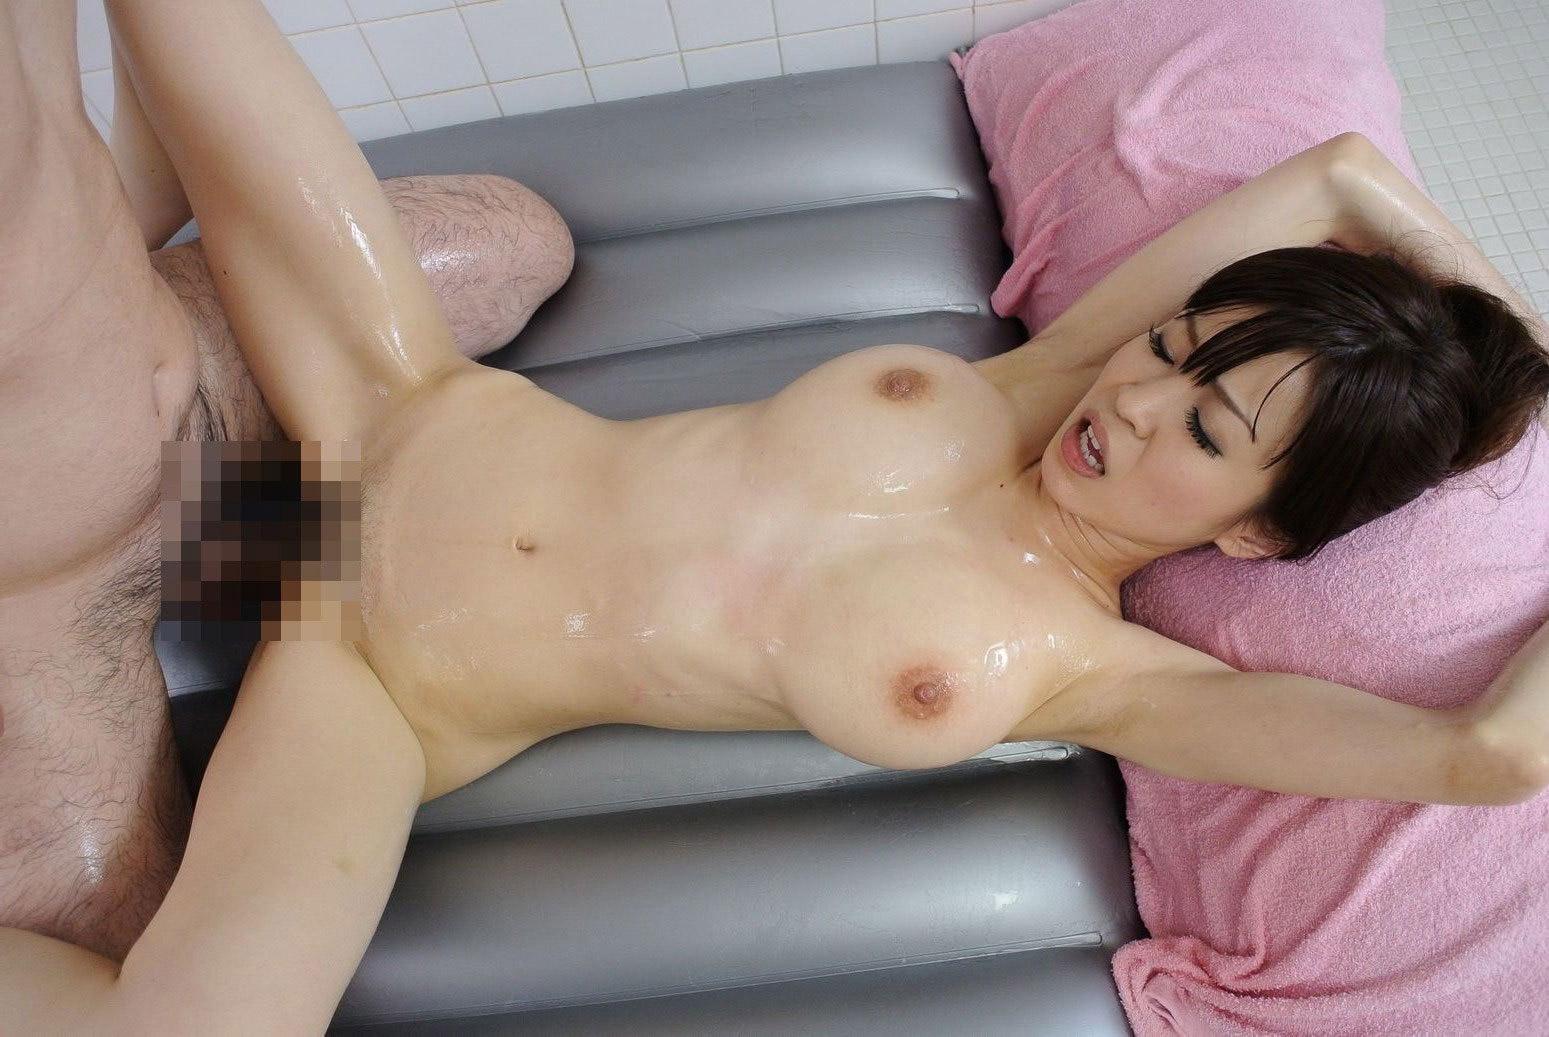 【セックスエロ画像】色っぽいスタイルの女の子がハメハメしている画像が見たいんです! 10